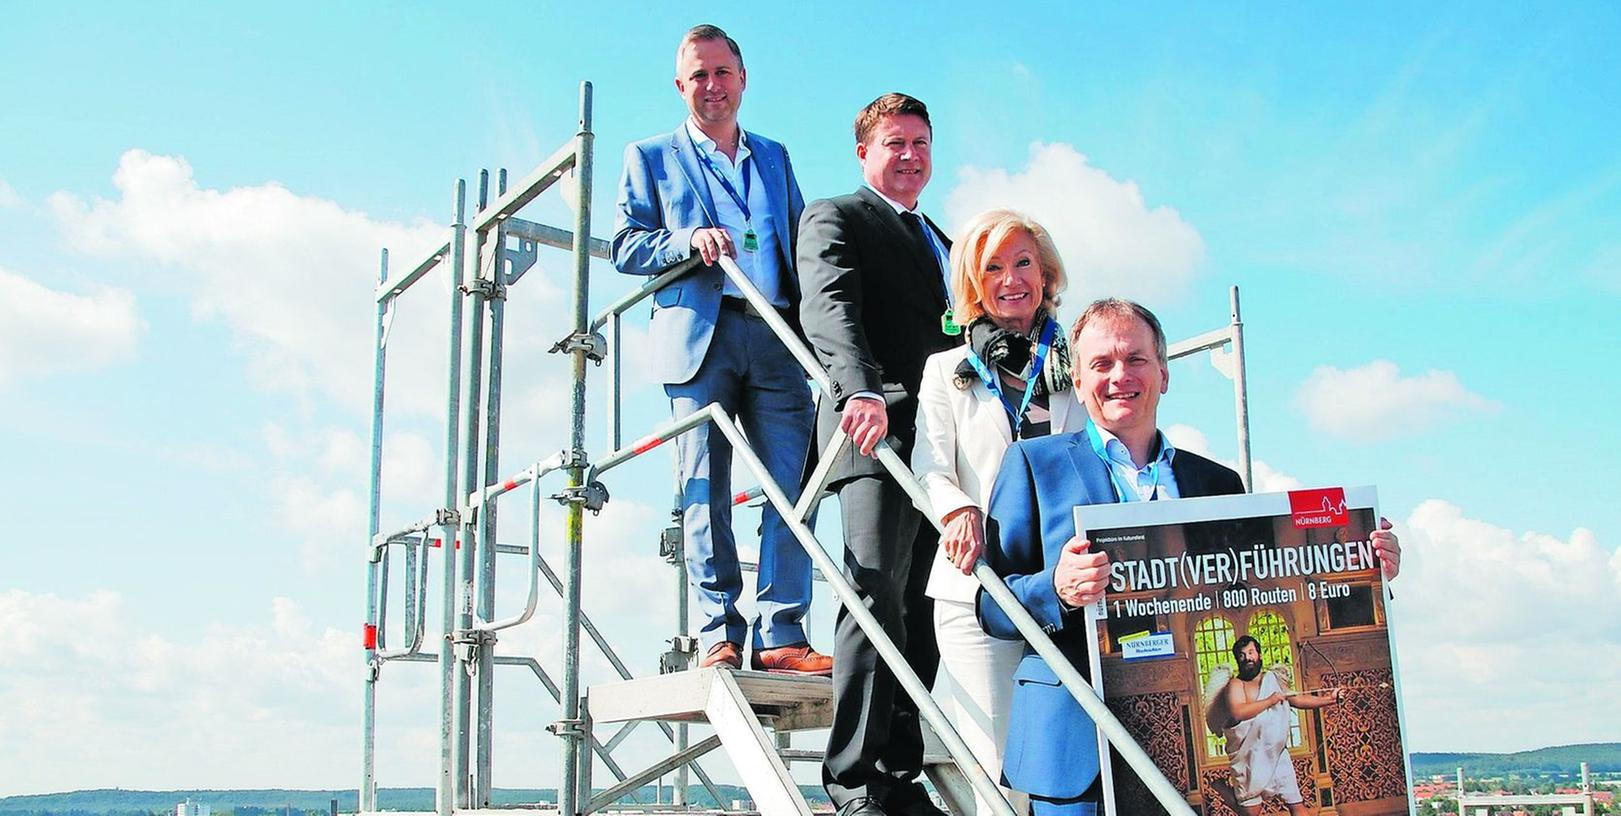 """Wolkige Programmpräsentation: Auf dem """"Sonnenturm"""" wollen Hannes B. Ehrhardt (Geschäftsführer ESW), Dirk Helmbrecht (Vorstandschef VR Bank Nürnberg), Julia Lehner (Kulturreferentin Nürnberg) und Horst Müller (Wirtschaftsreferent Fürth, von links) hoch hinaus."""